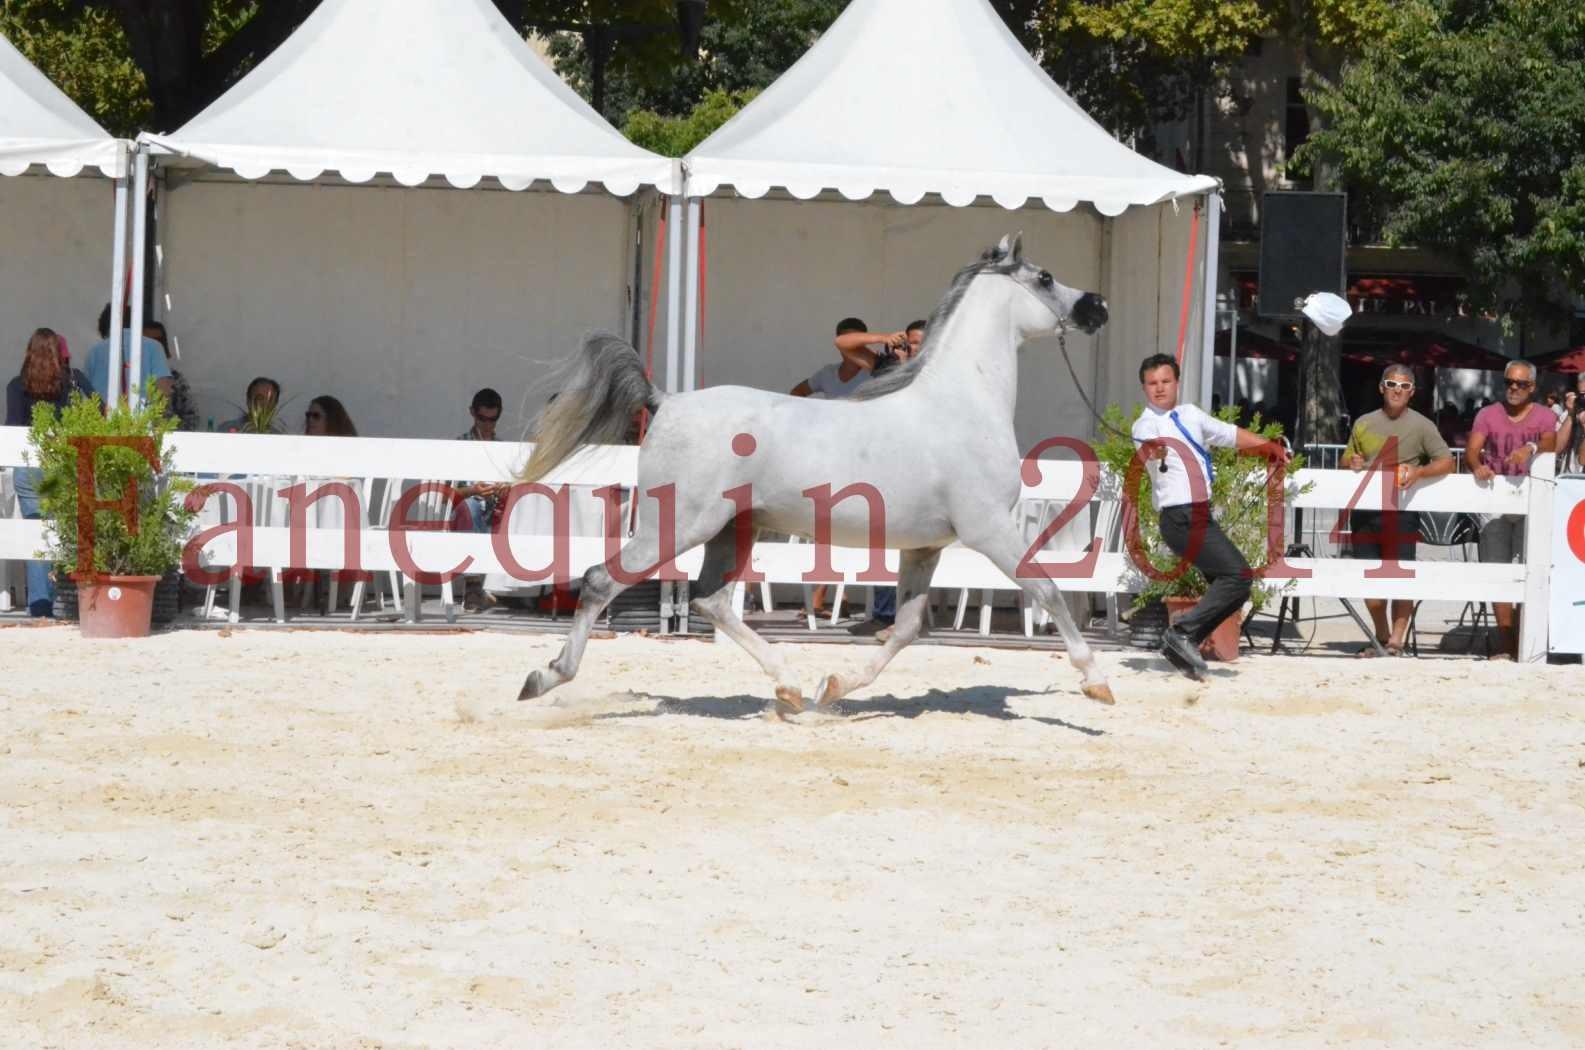 Concours National de Nîmes de chevaux ARABES 2014 - Sélection - SHAOLIN DE NEDJAIA - 08